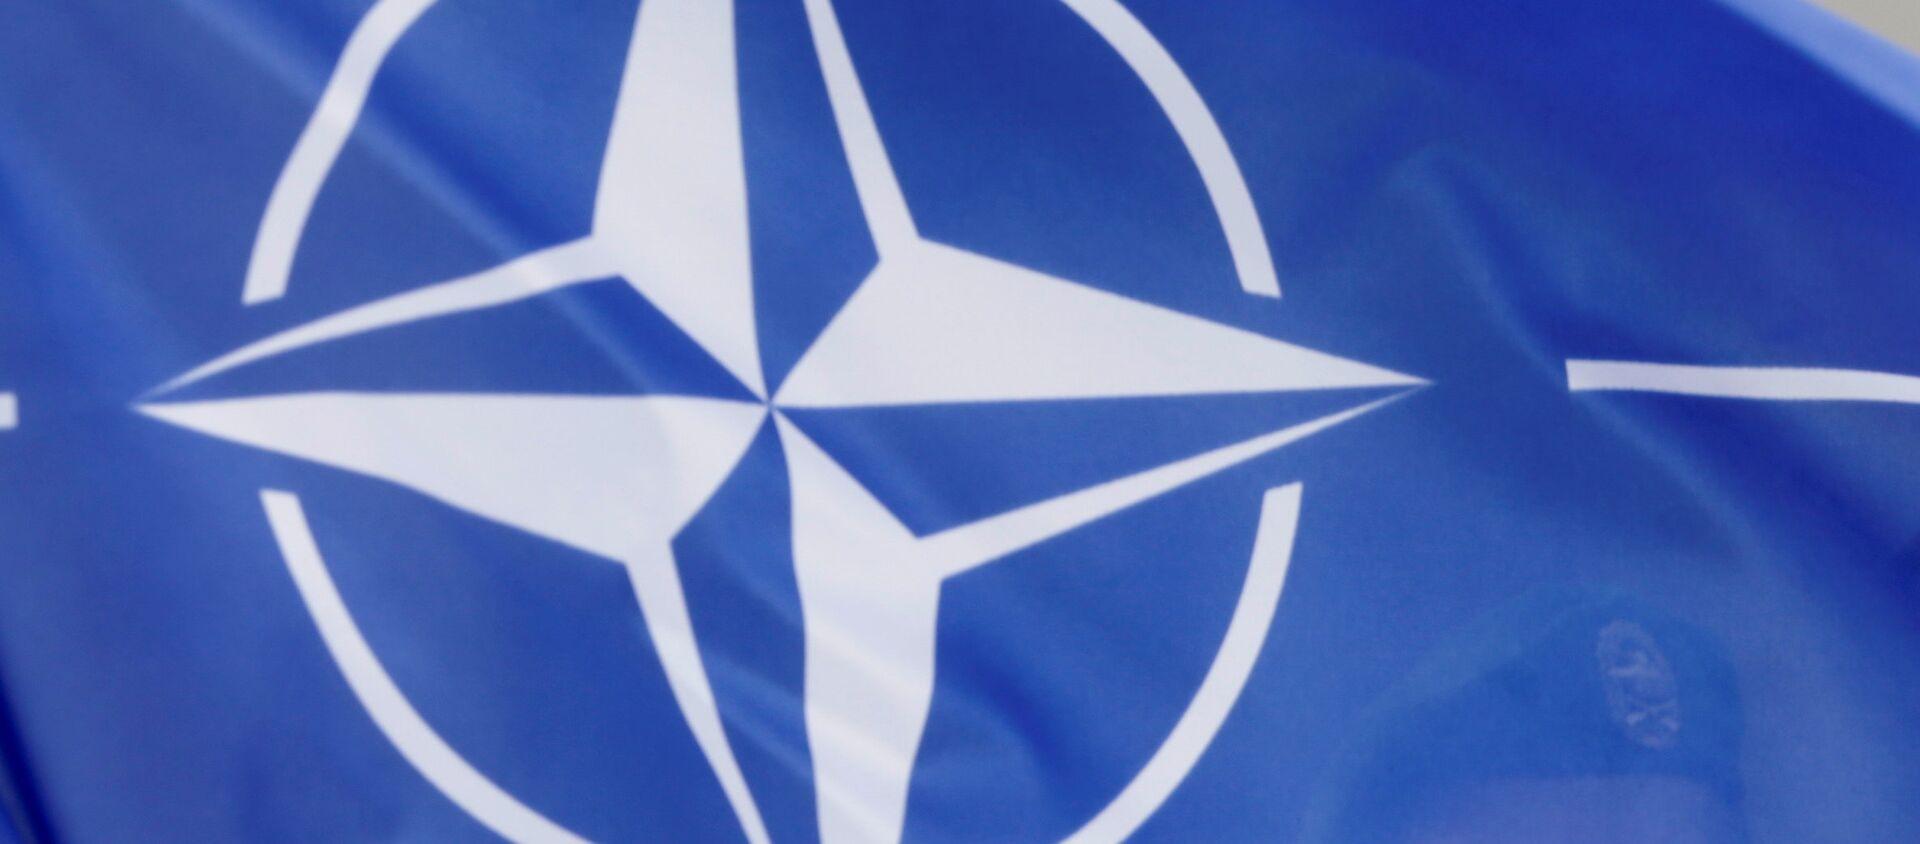 Flaga NATO - Sputnik Polska, 1920, 14.06.2021